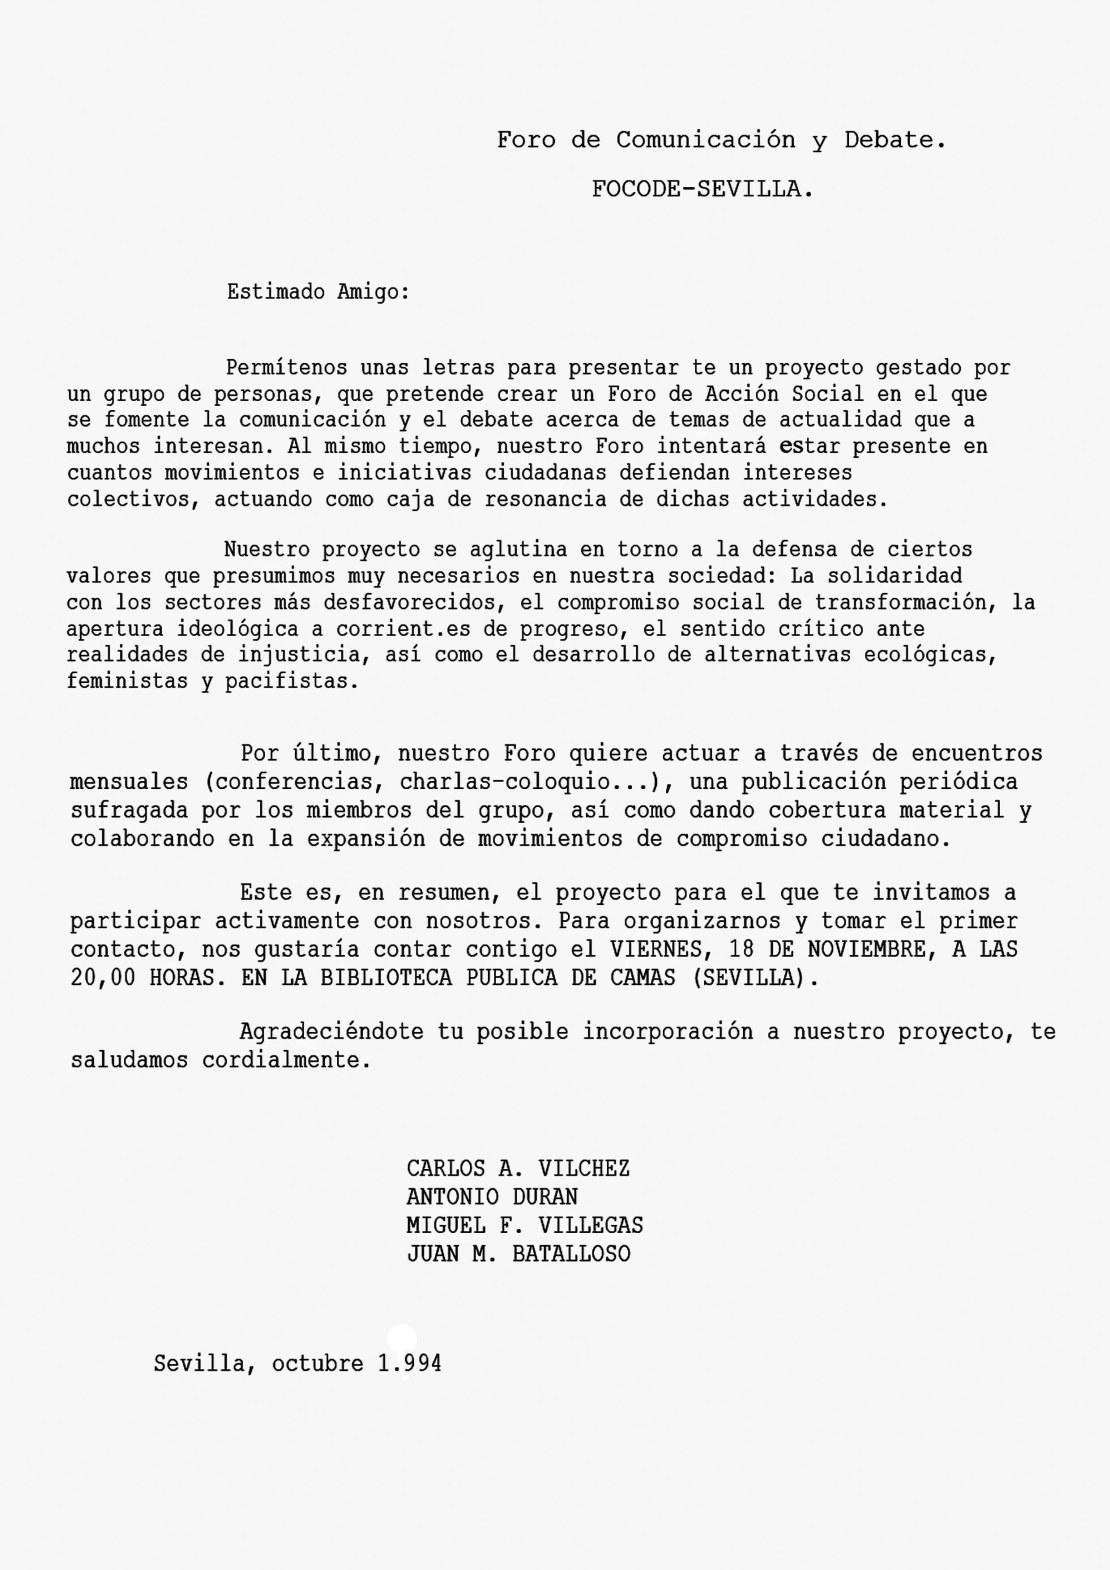 Convocatoria constitución del FOCODE